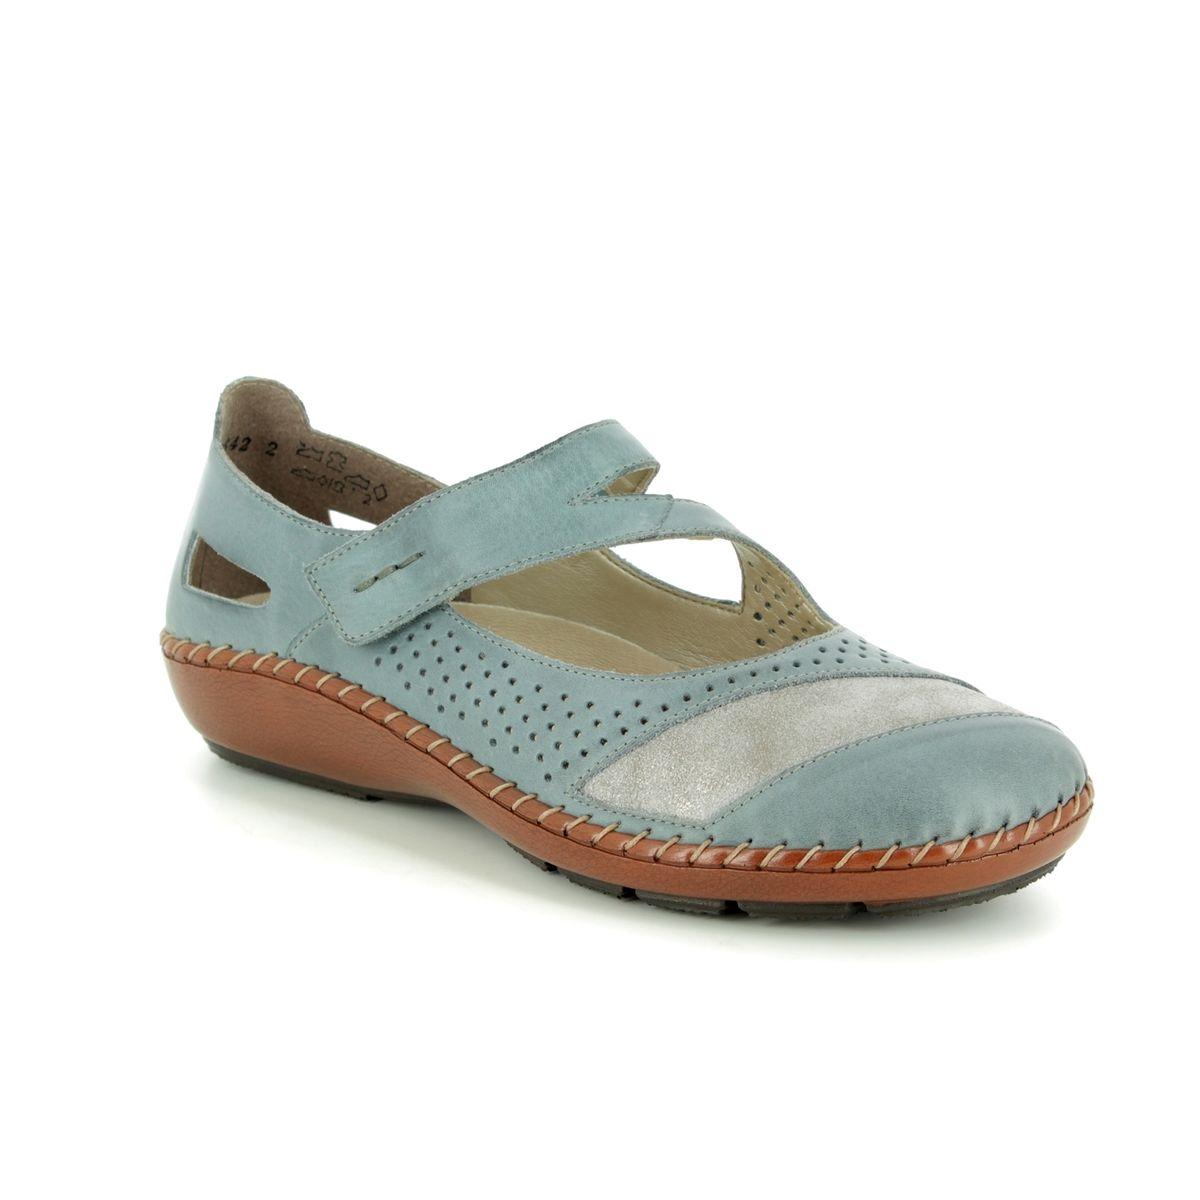 5e95d8da88 Rieker Mary Jane Shoes - Denim blue - 44866-12 CINEMA